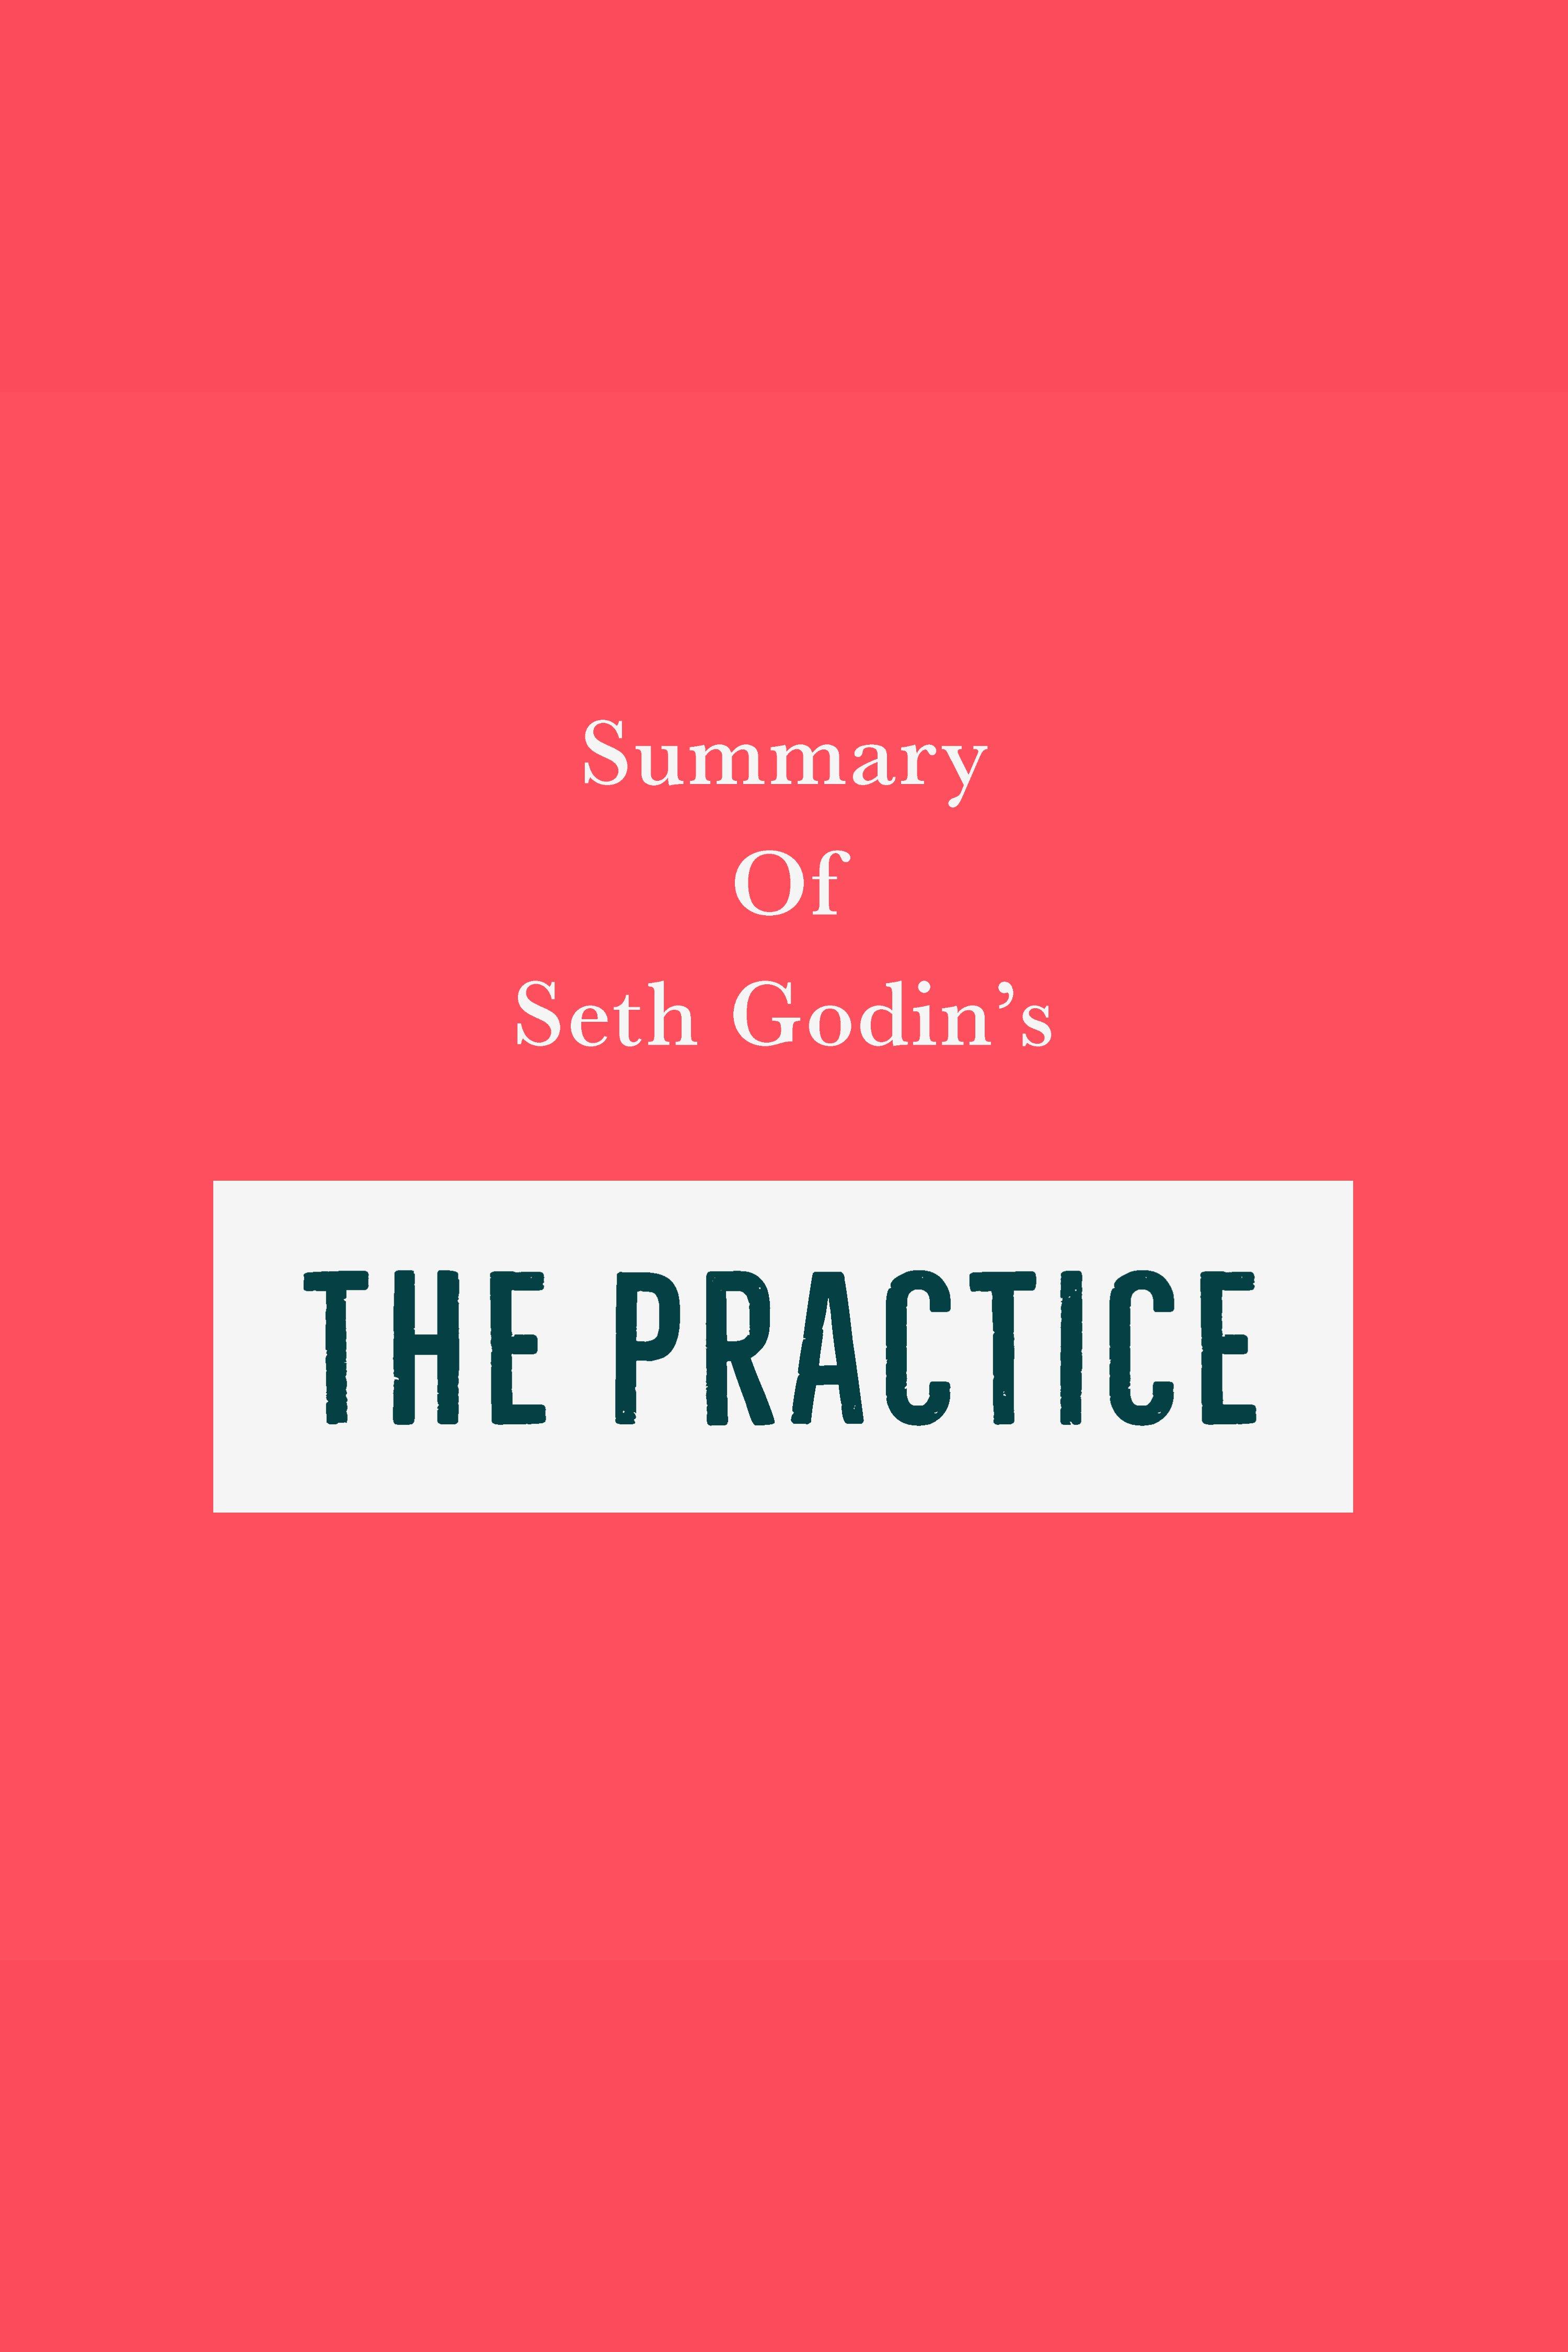 Esta es la portada del audiolibro Summary of Seth Godin's The Practice